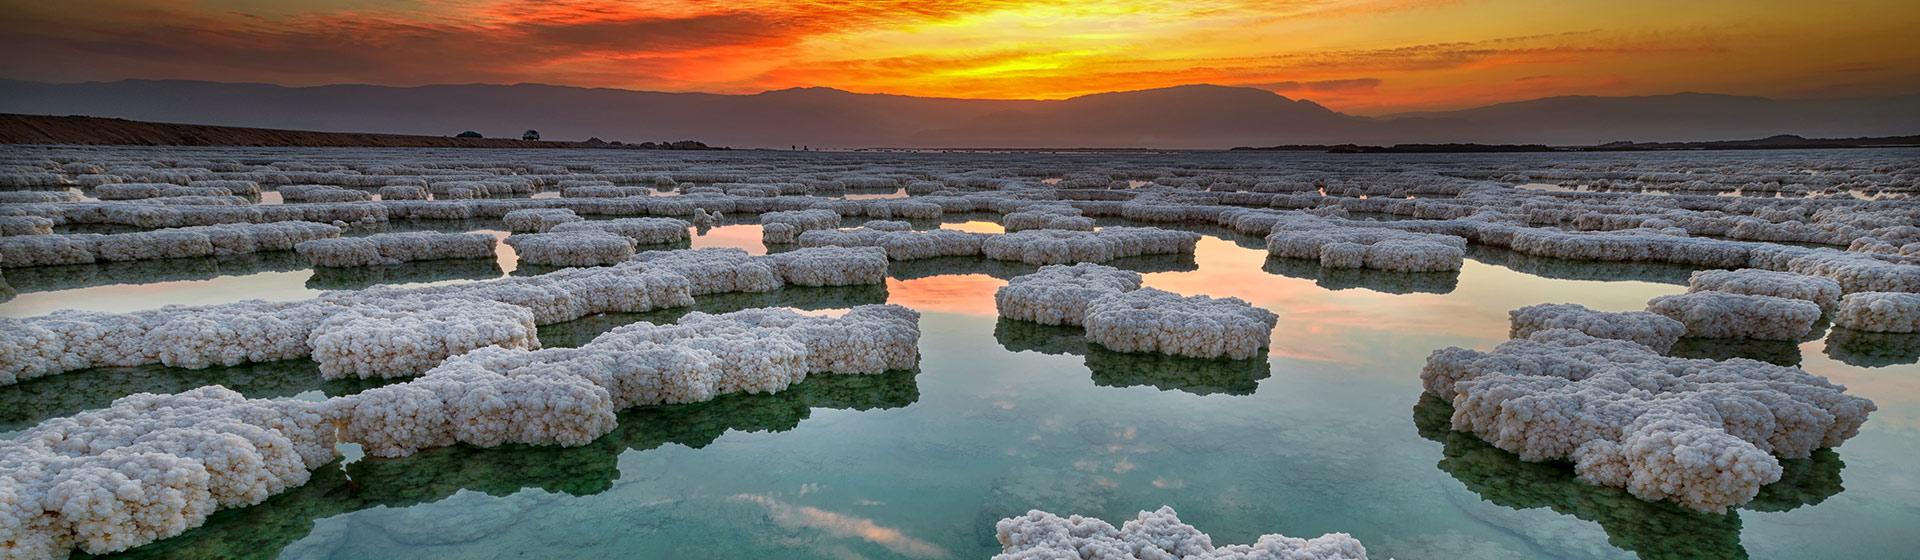 Jordania Fascinadora y Mar Muerto